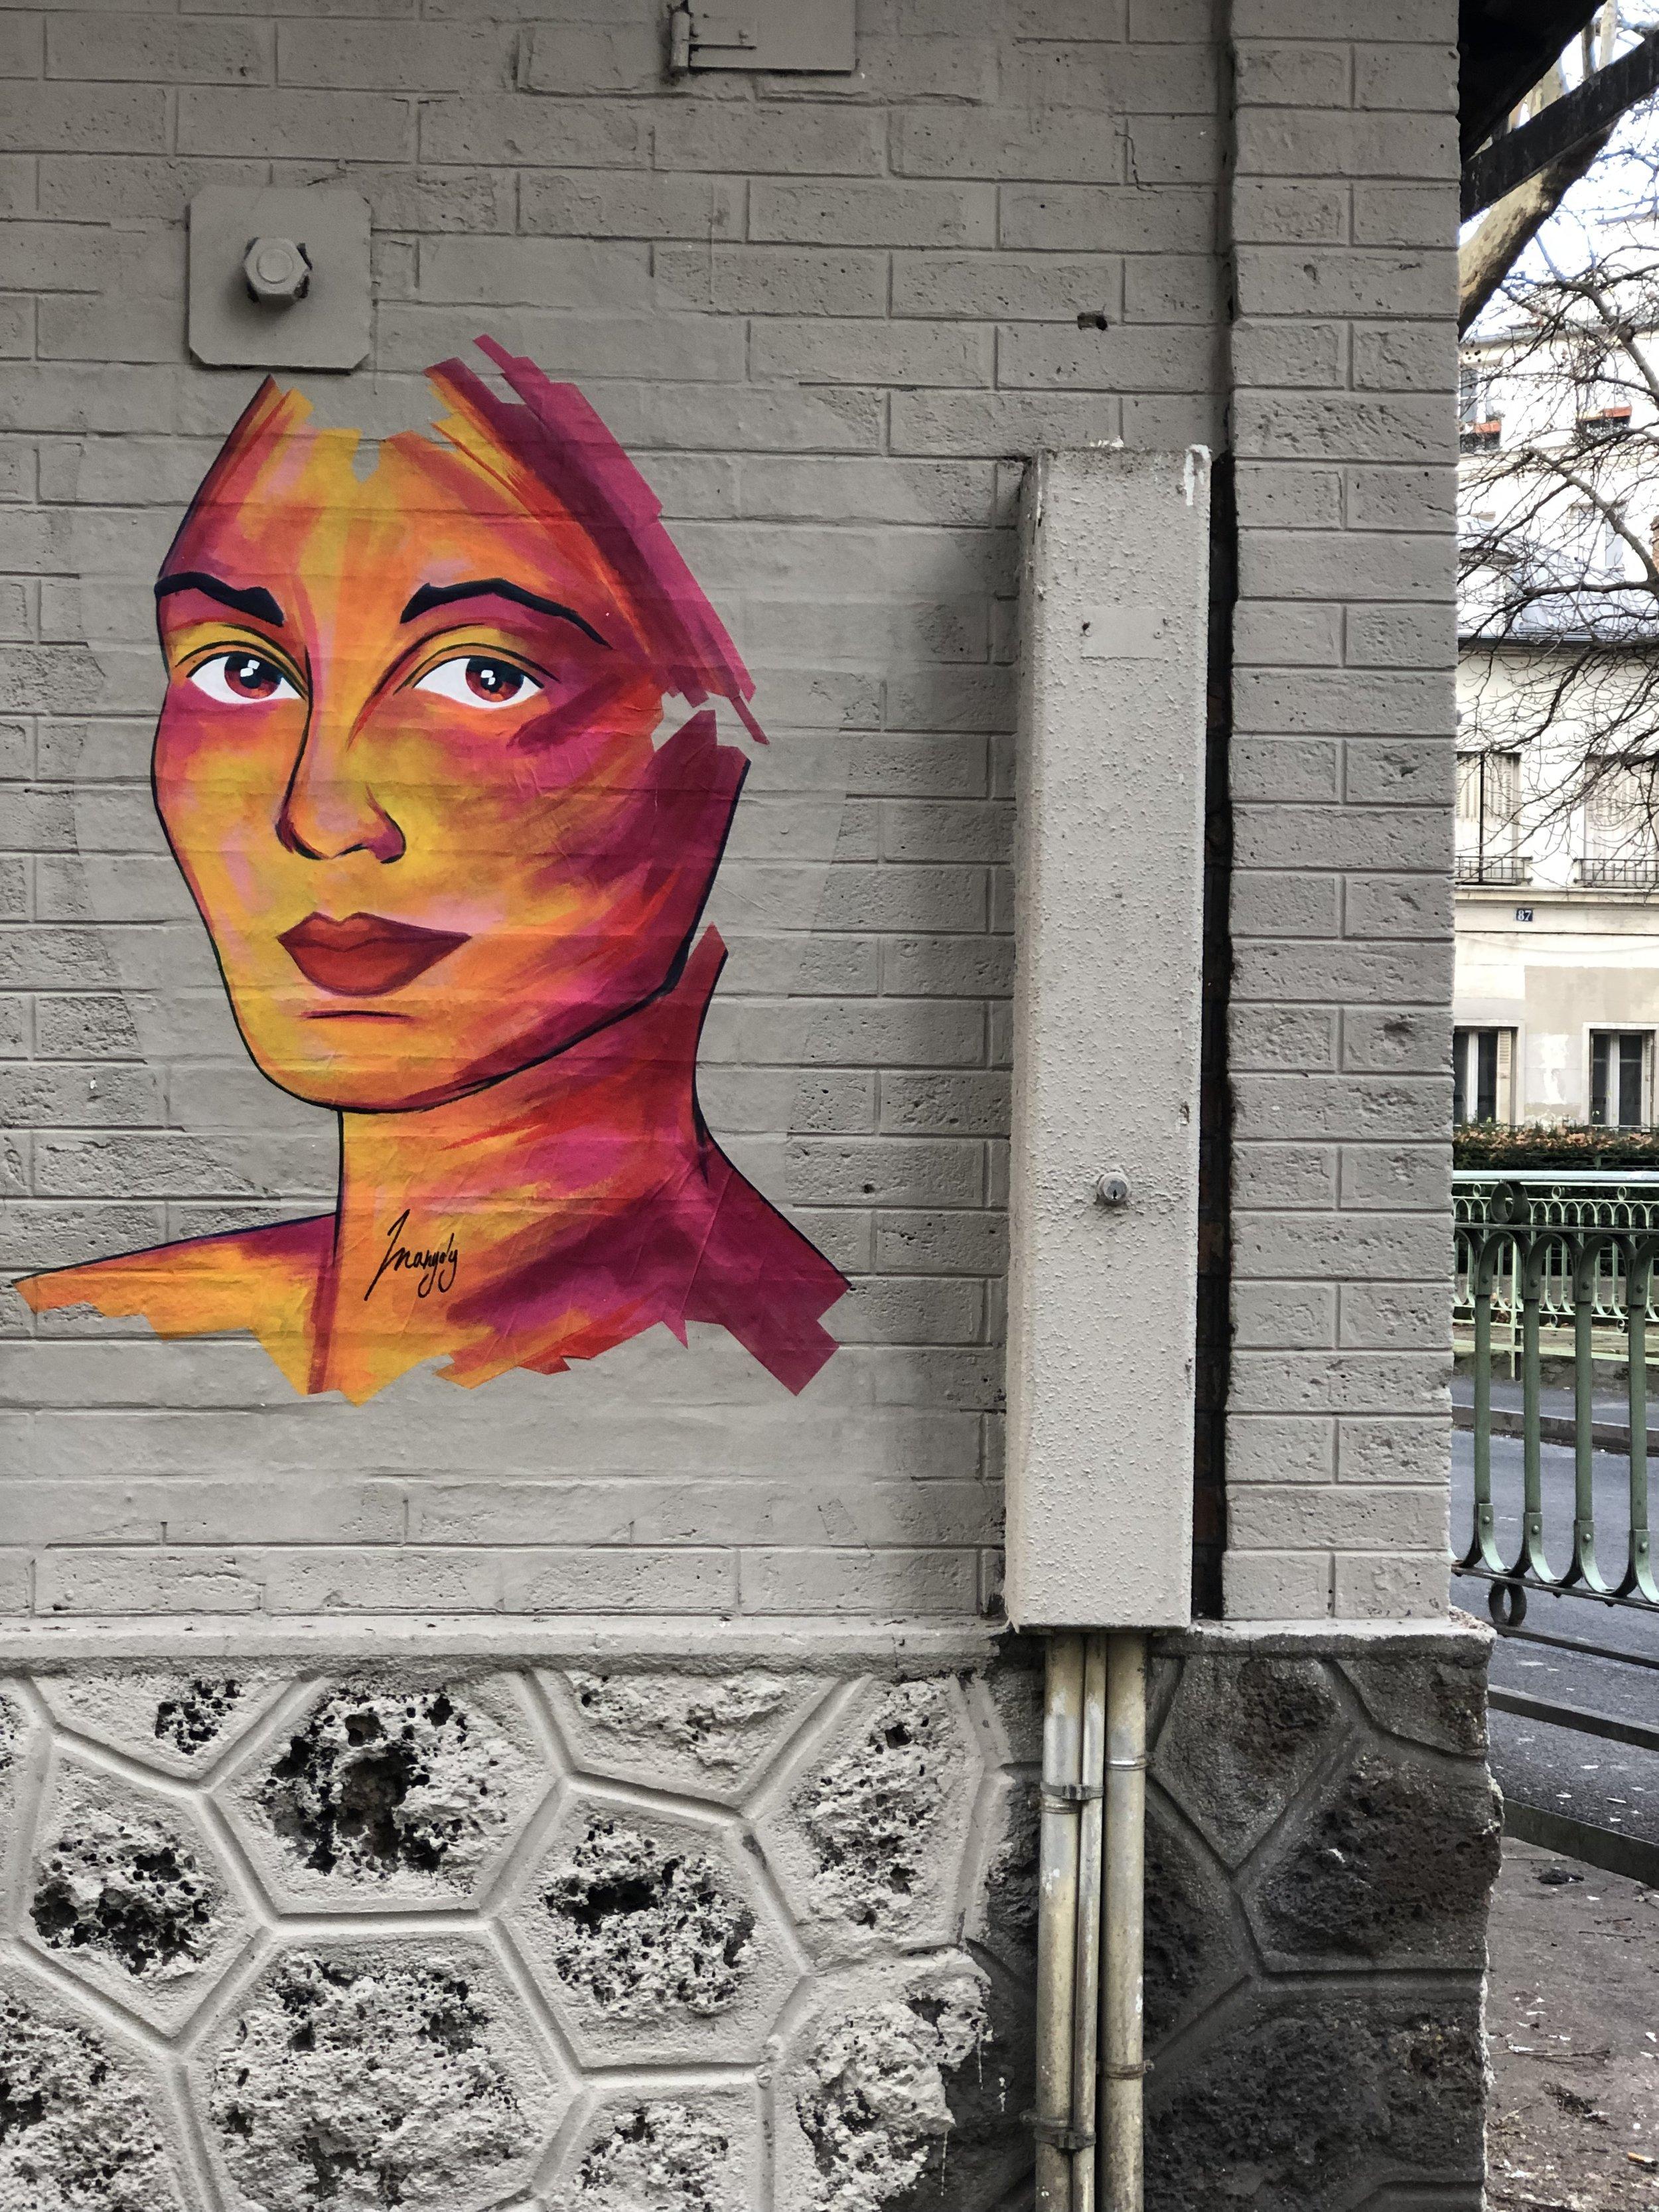 Manyoly piece, 10th Arrondissement, Paris.